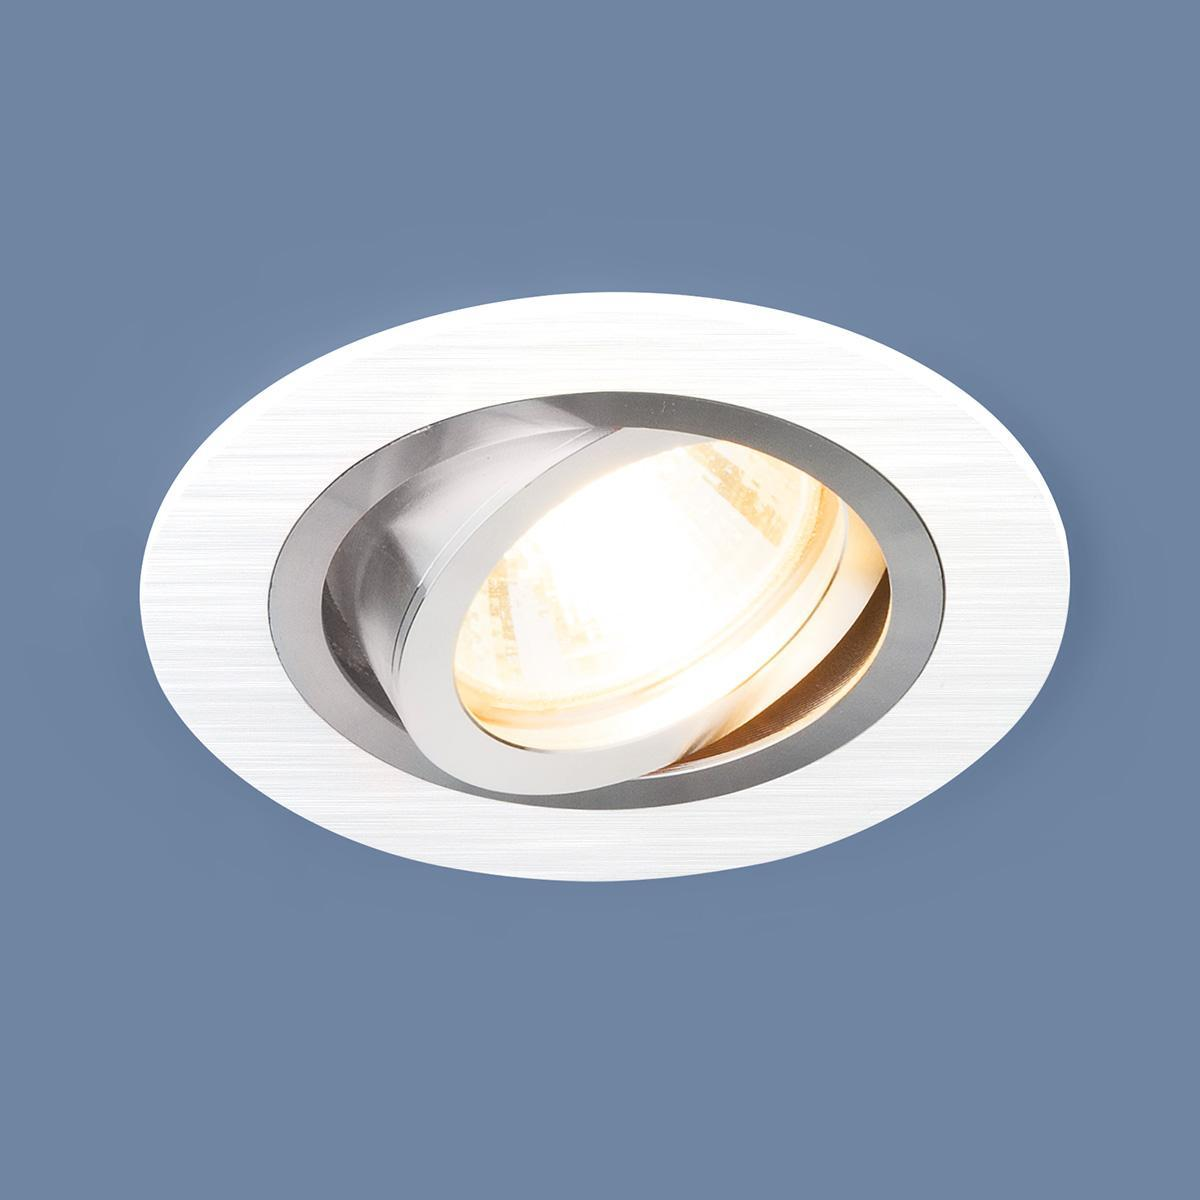 Встраиваемый светильник Elektrostandard 1061/1 MR16 WH белый 4690389095474 встраиваемый светильник elektrostandard 1061 1 mr16 wh белый 4690389095474